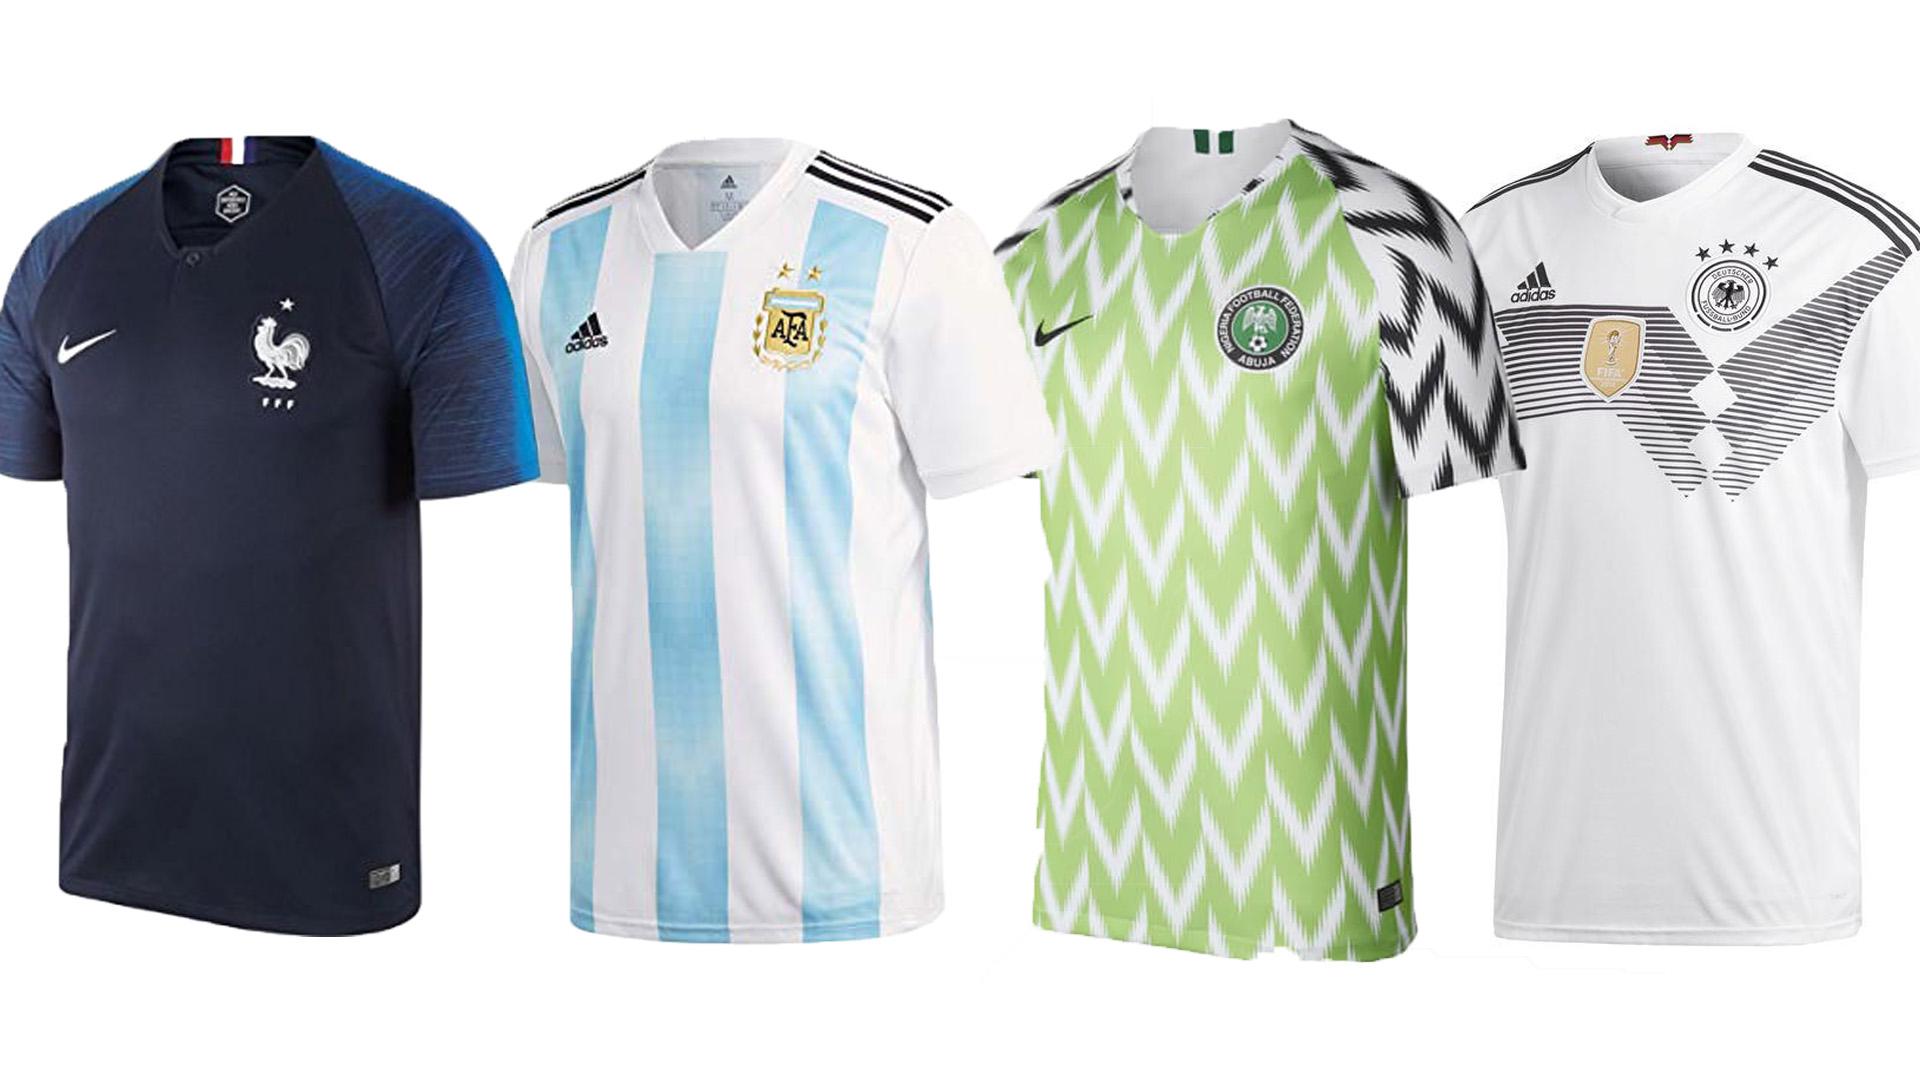 Mundial con estilo  las 30 camisetas titulares y suplentes de fútbol más  lindas de Rusia 2018 - Infobae 5a339321d5e42